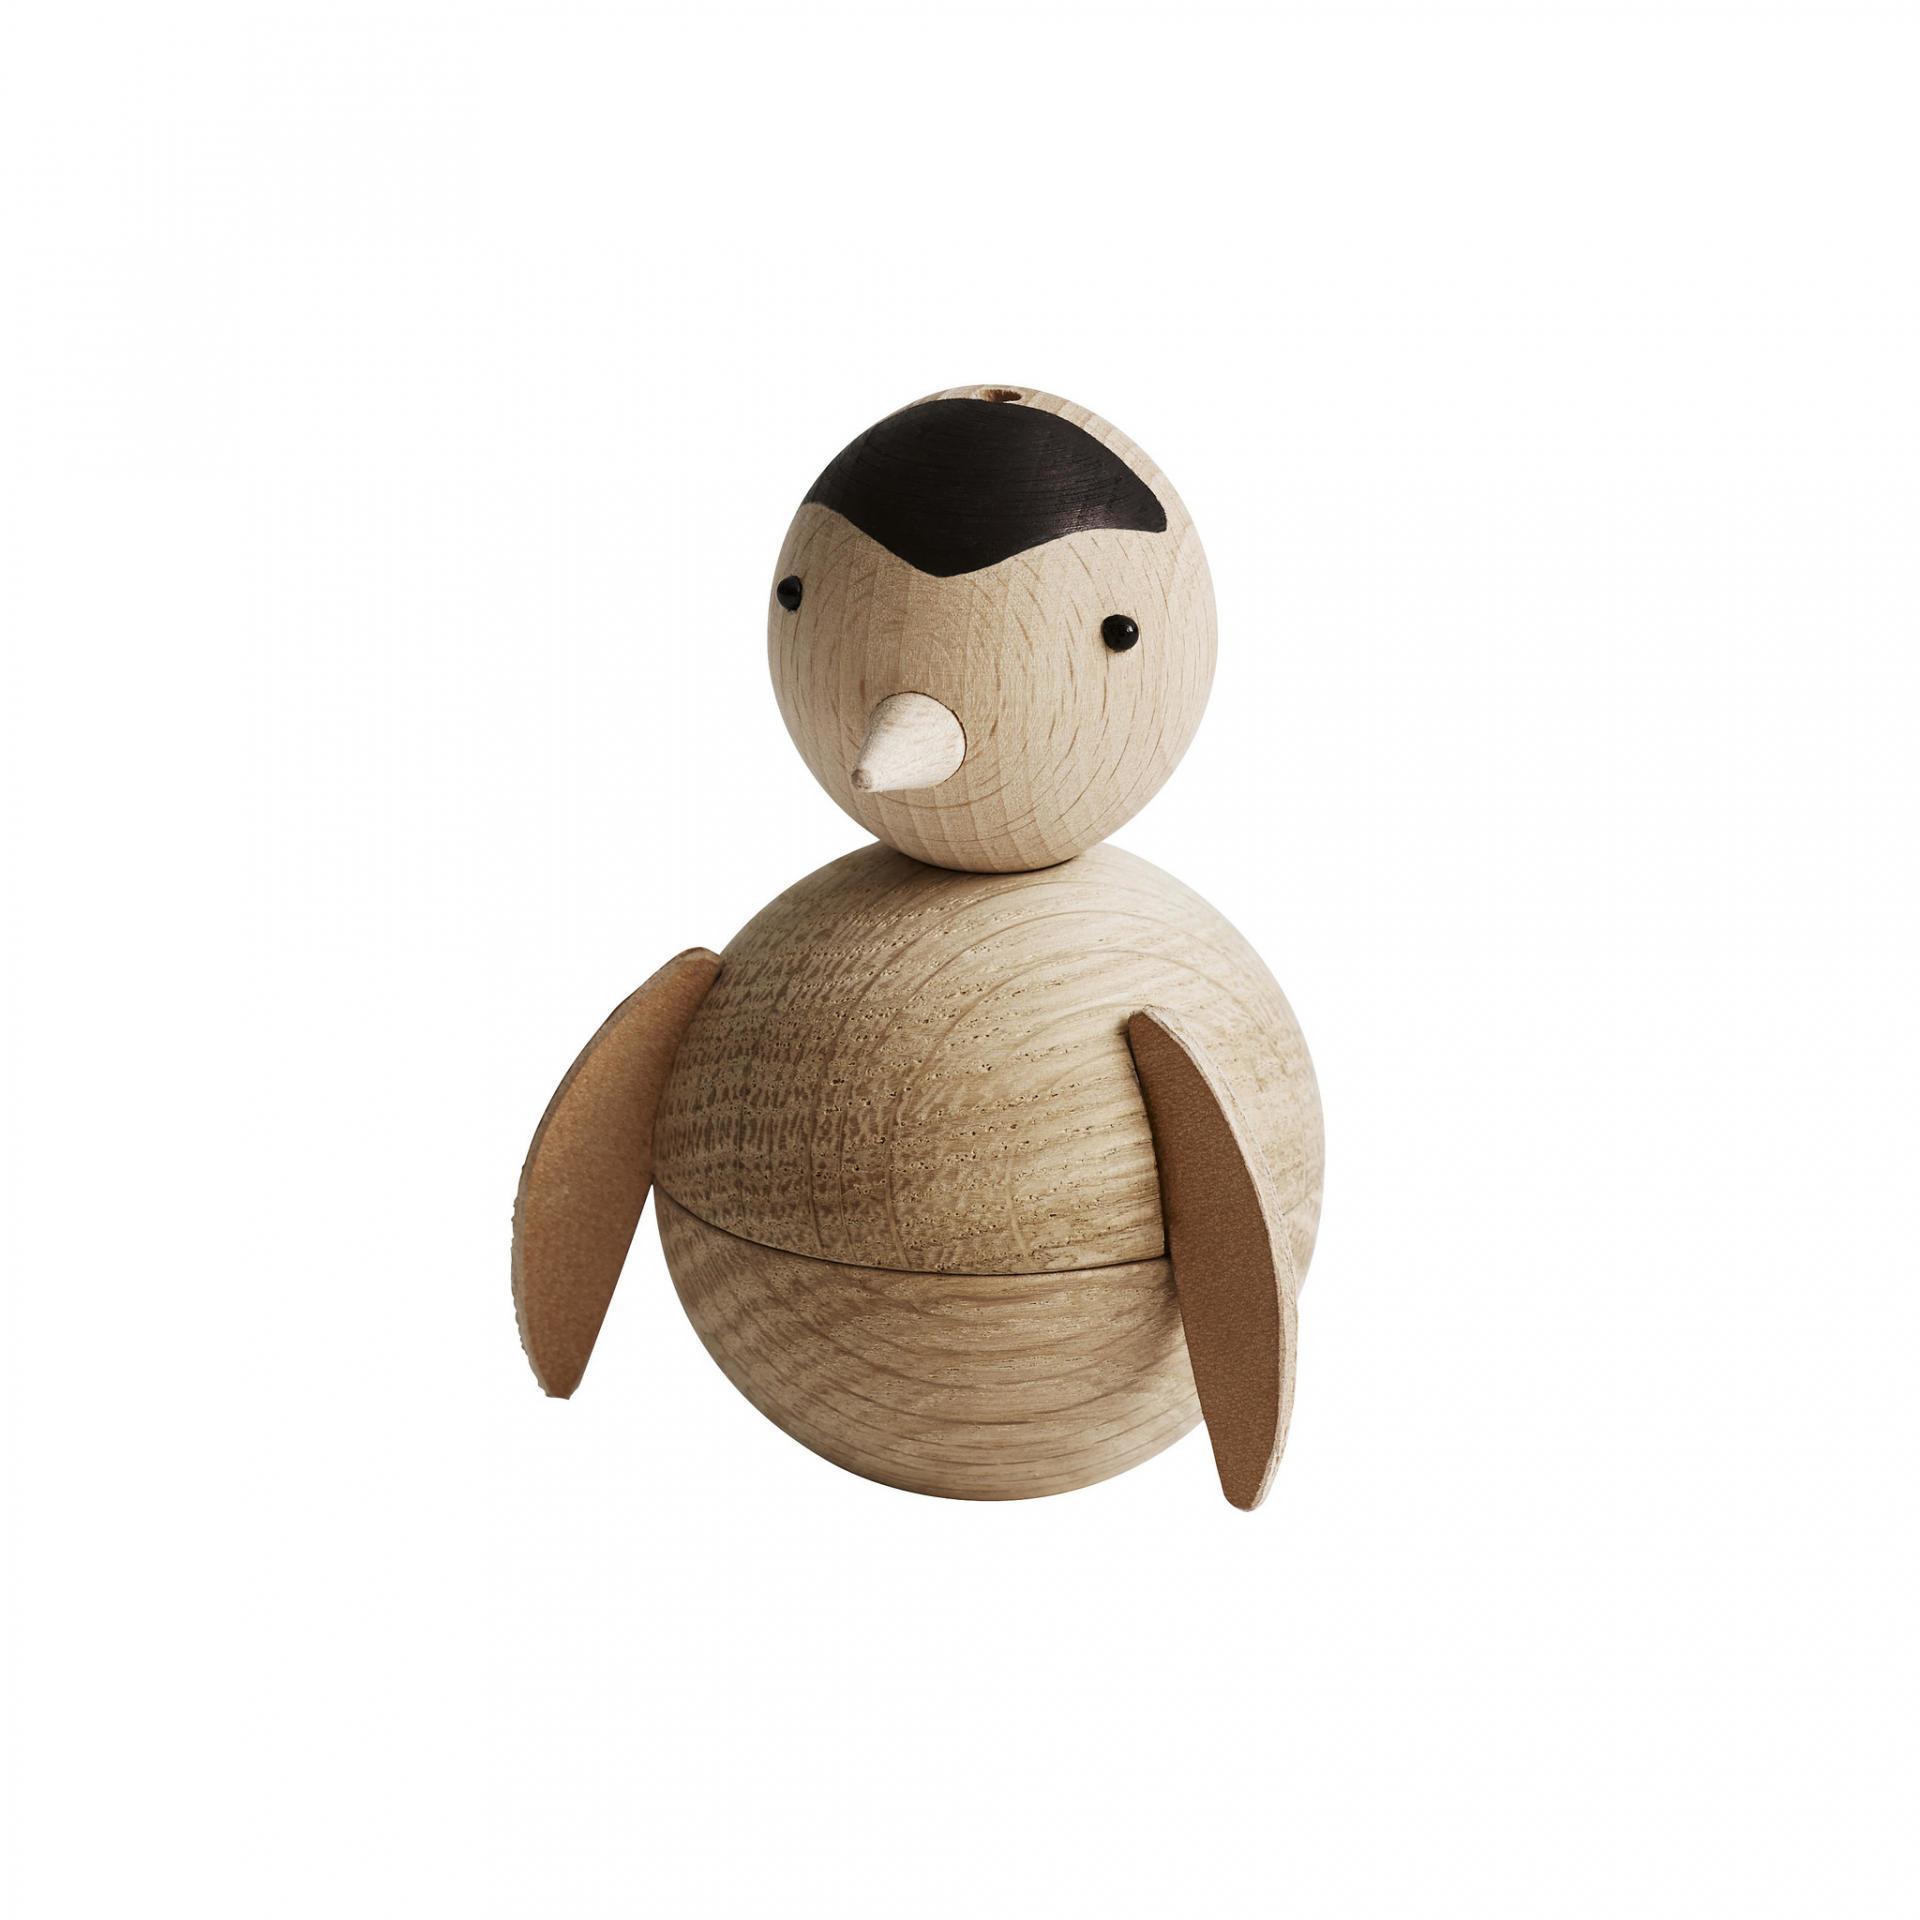 OYOY Dřevěná figurka Penguin, hnědá barva, dřevo